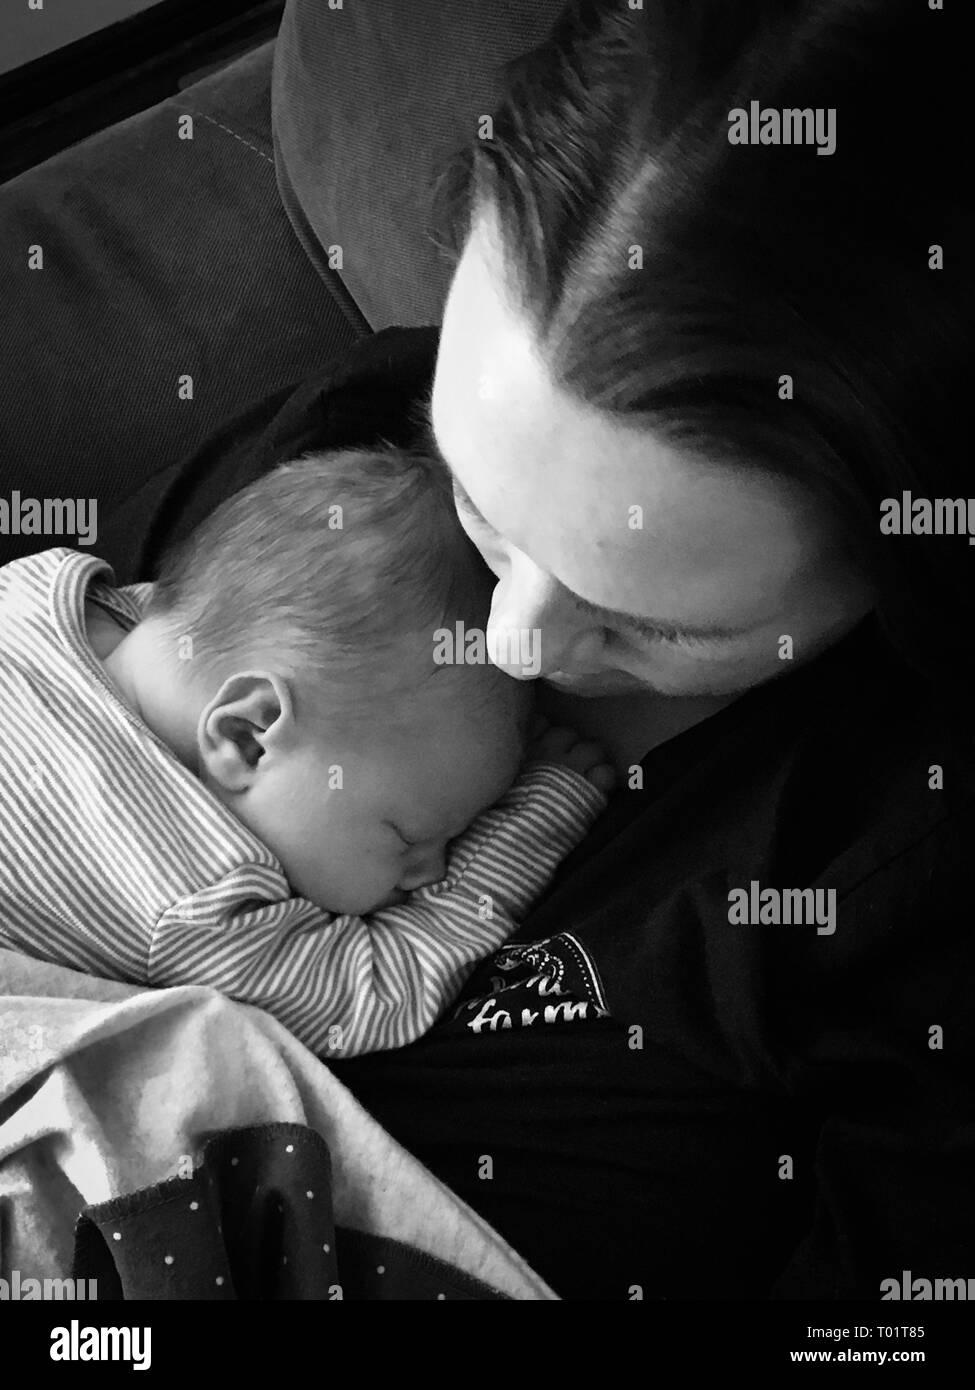 Image paisible de nouveau-nés de câlins avec sa mère le premier jour de l'hôpital. Excellent pour l'utilisation de la Fête des Mères,la vie pro/pro choix article Photo Stock